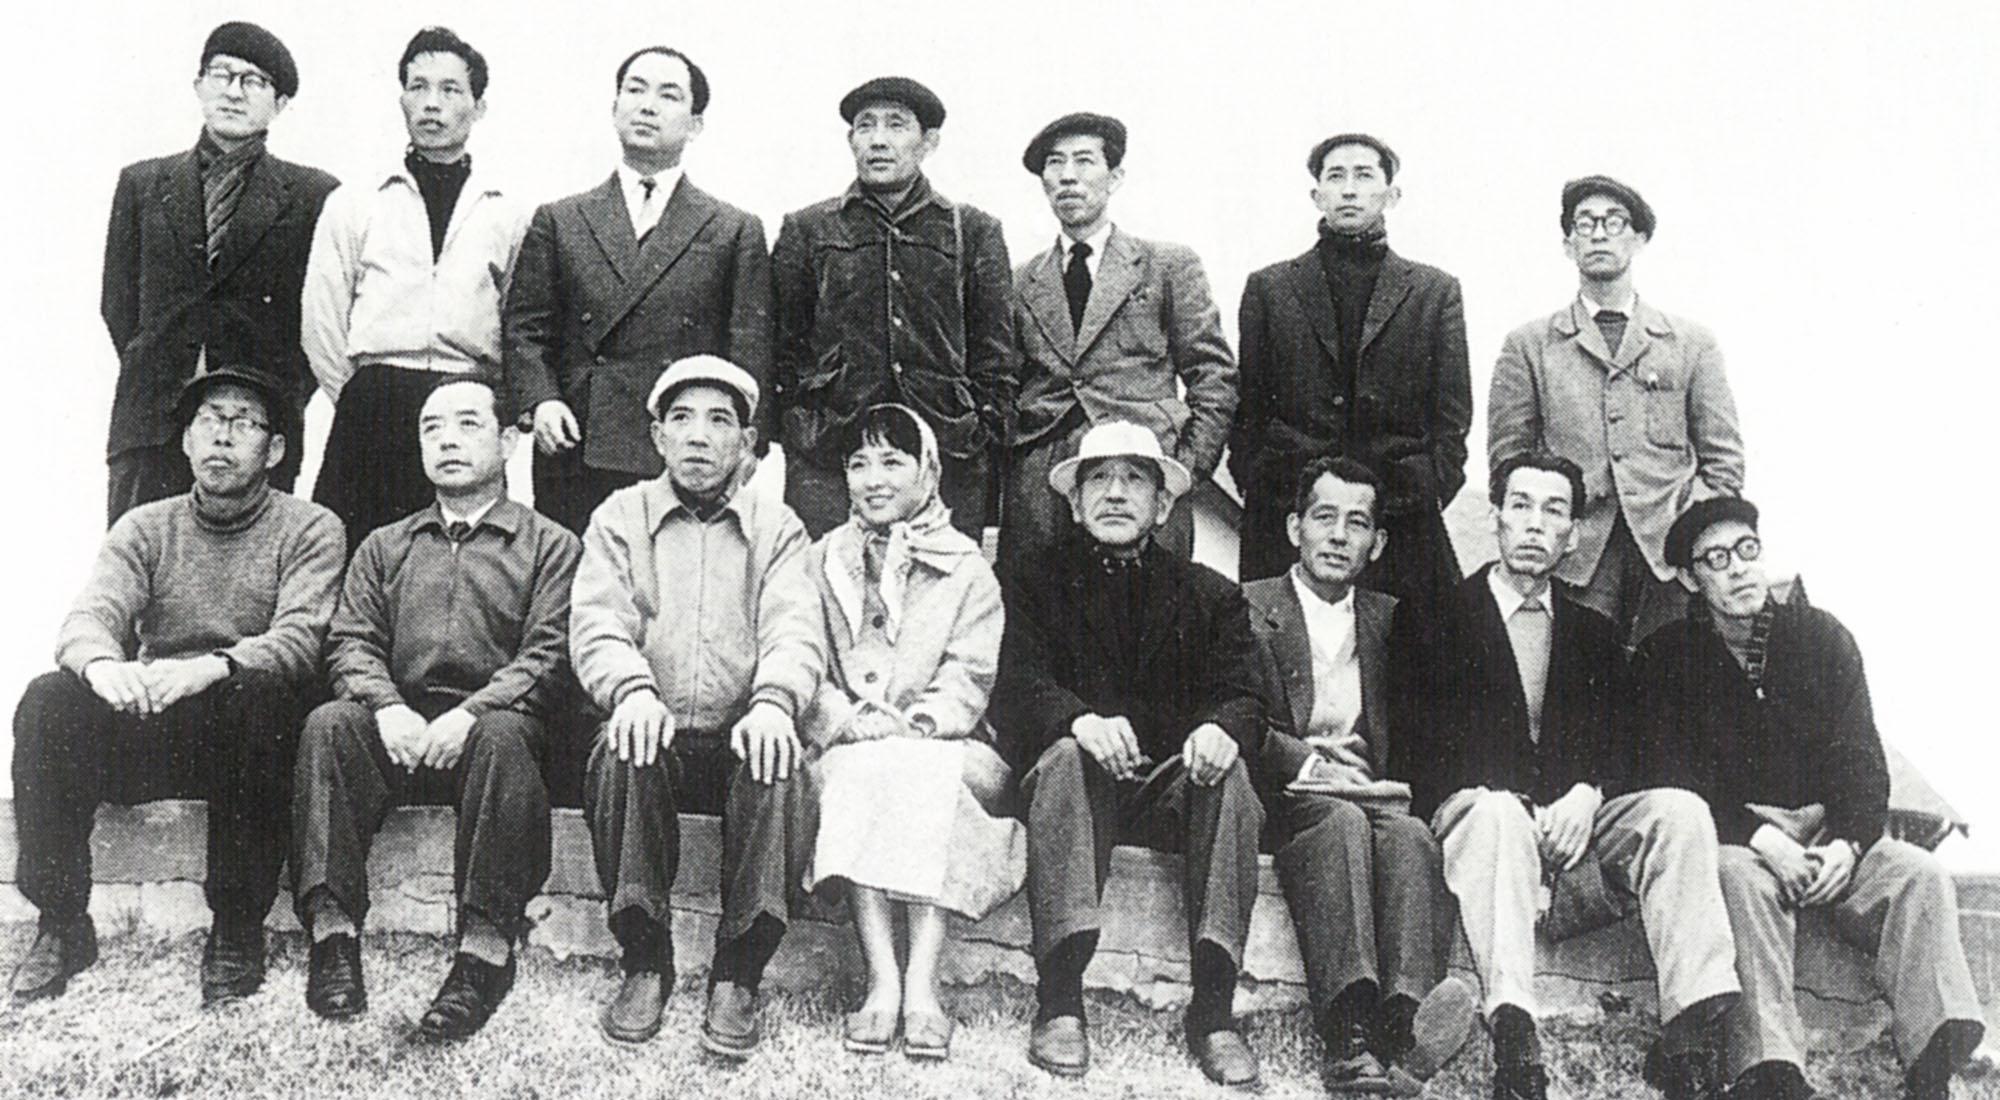 小津安二郎の映画音楽 Soundtrack of Ozu